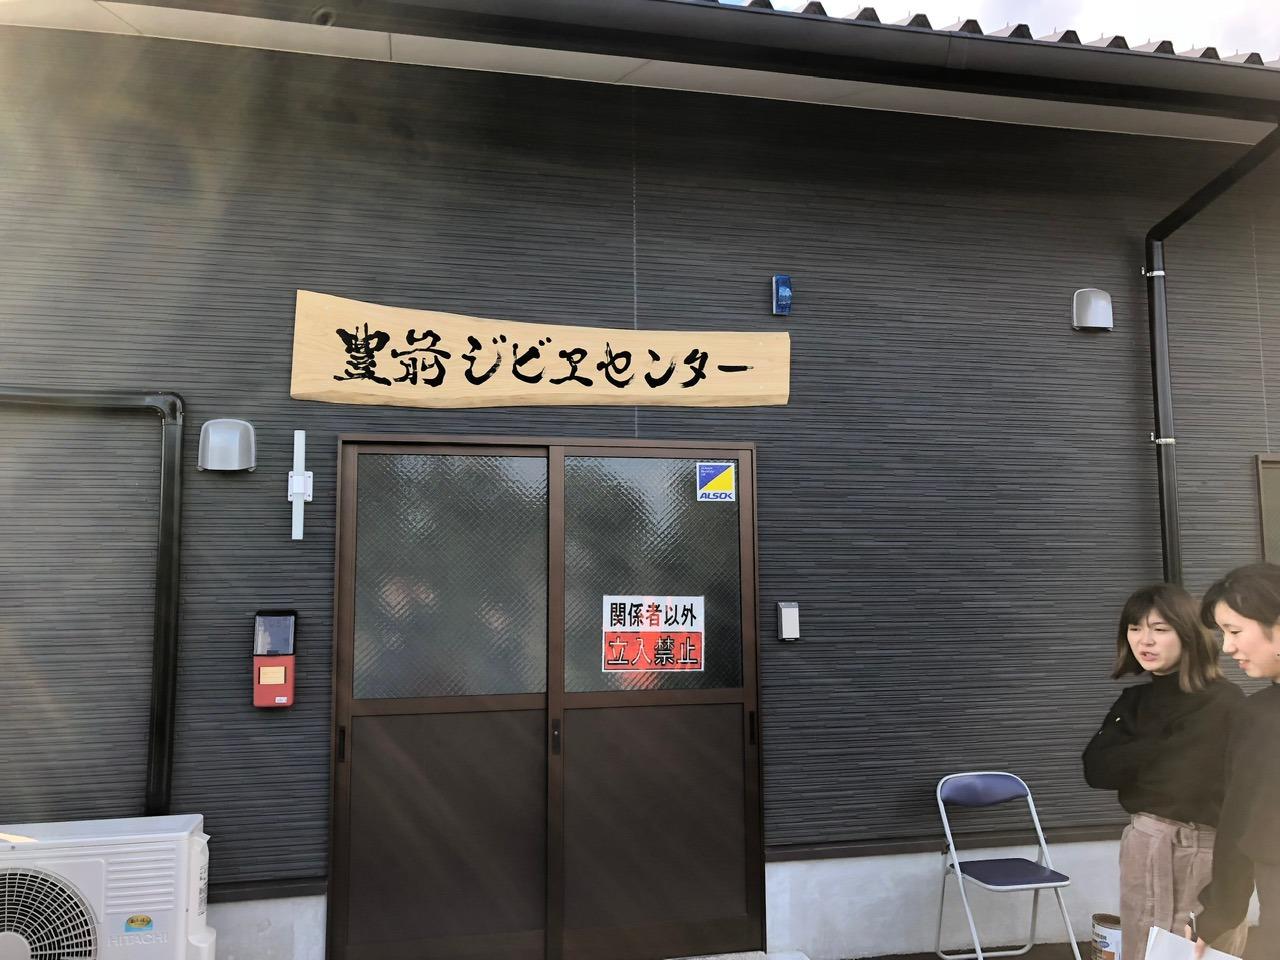 jibie_1.jpg